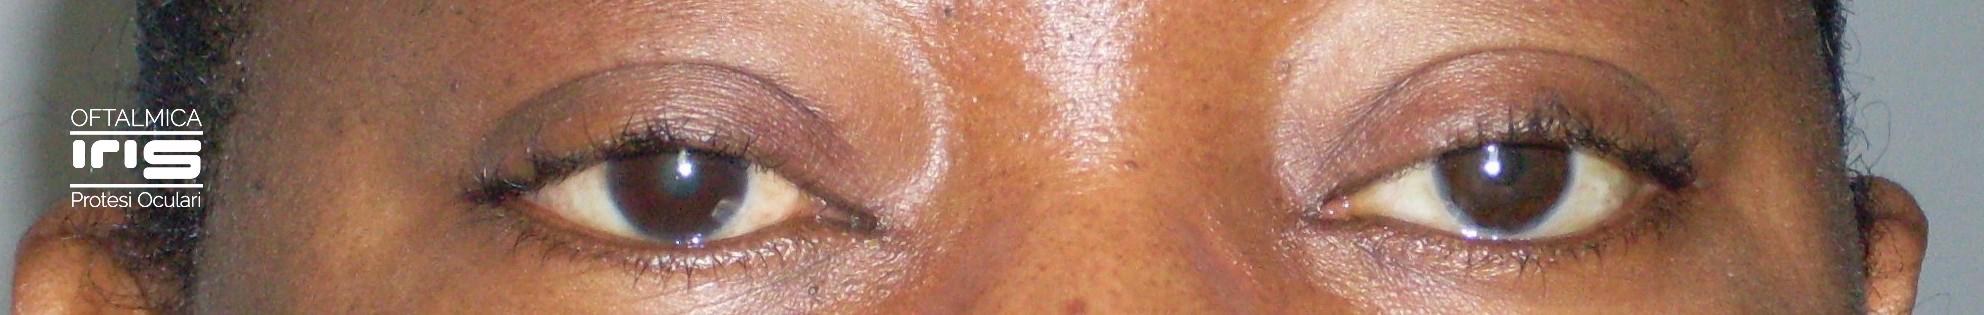 protesi oculare realizzato da oftalmica iris - genova - occhi neri